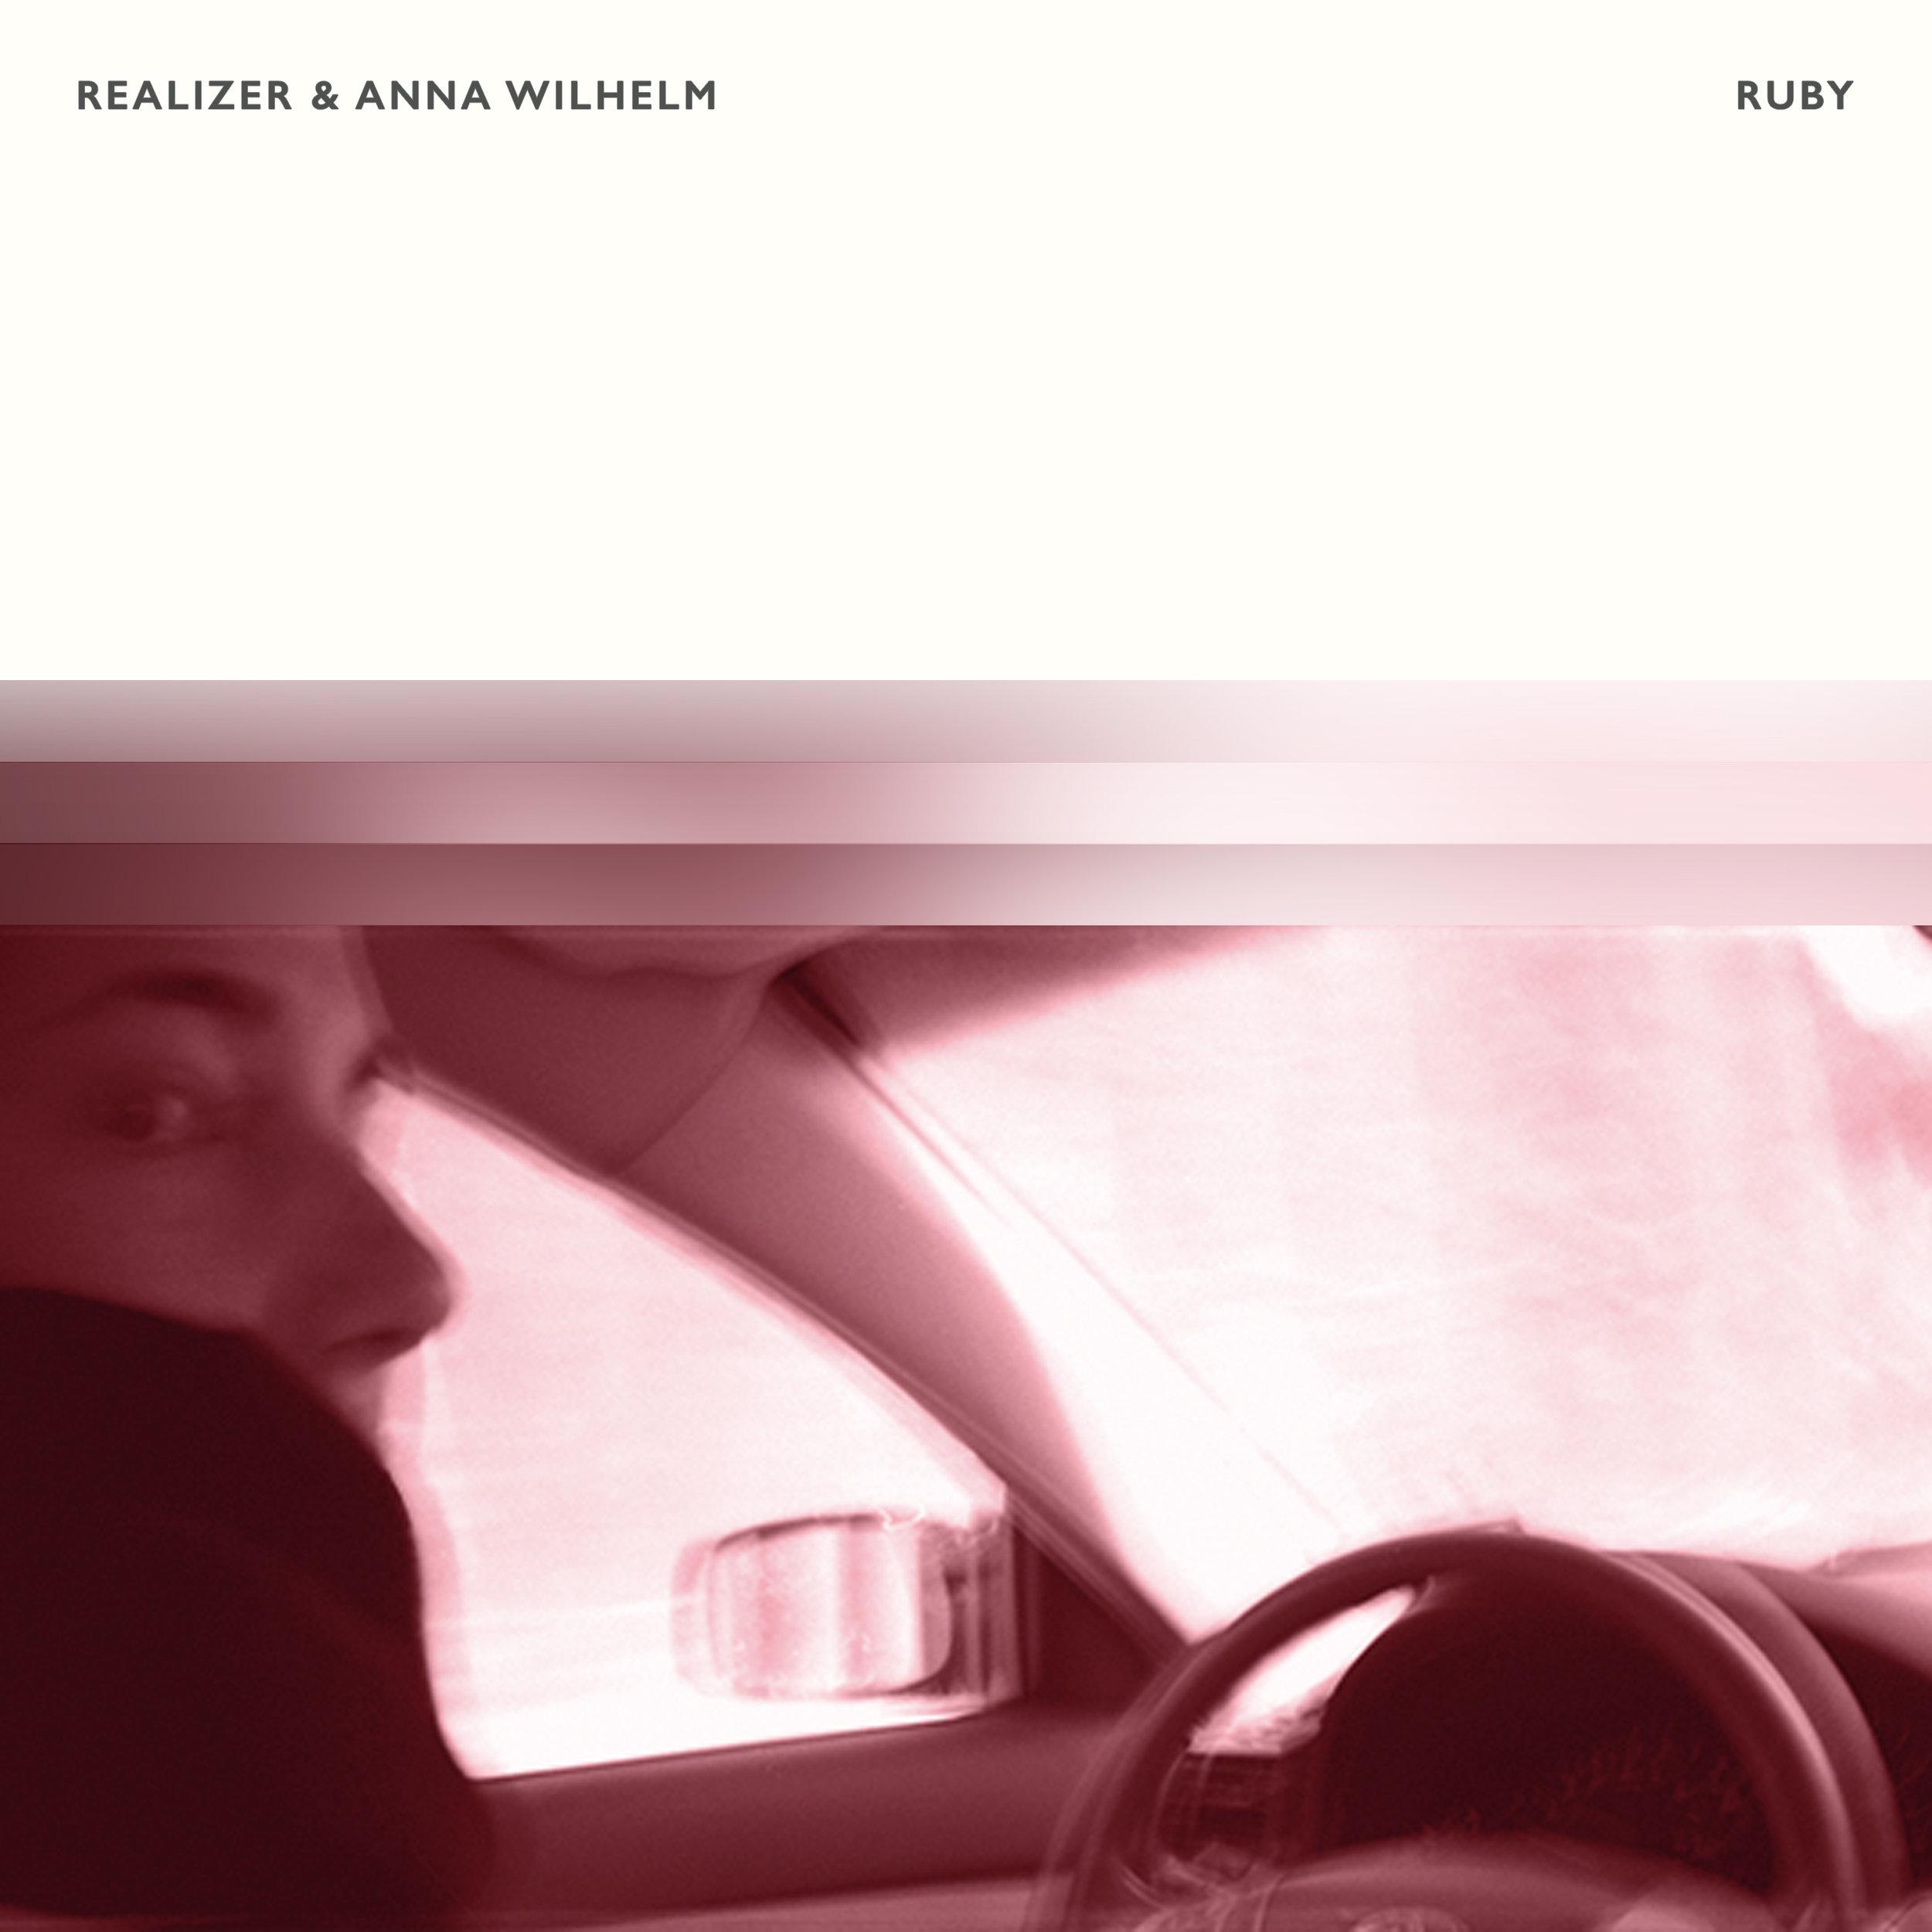 Realizer & Anna Wilhelm - Ruby